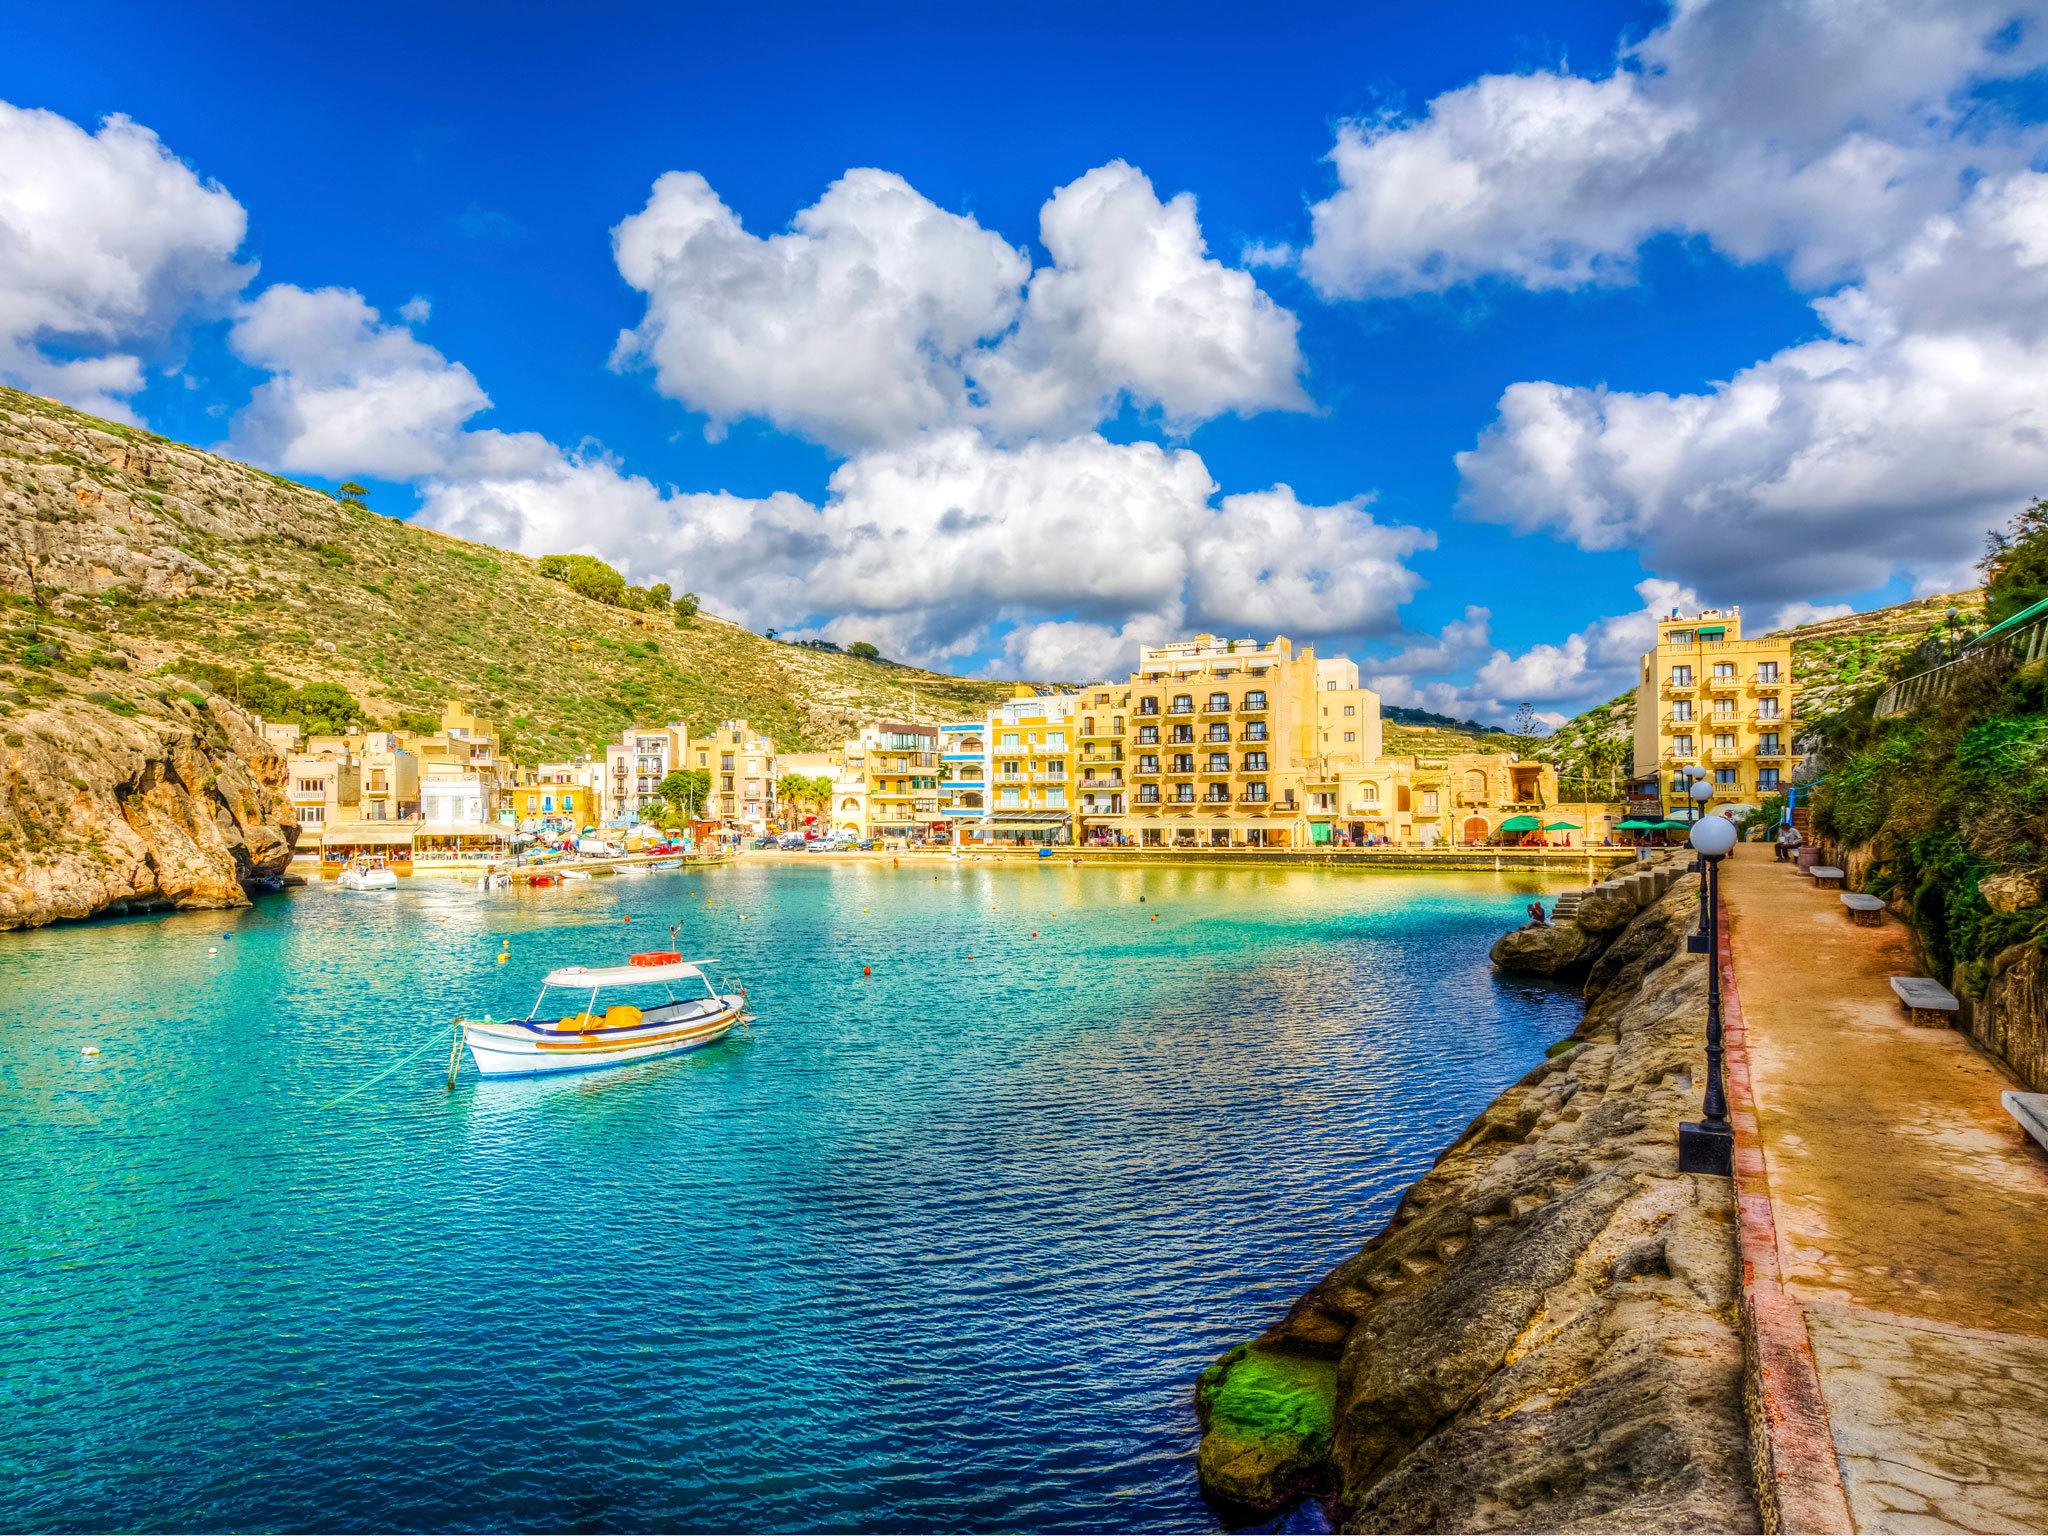 The harbour in Gozo in Malta